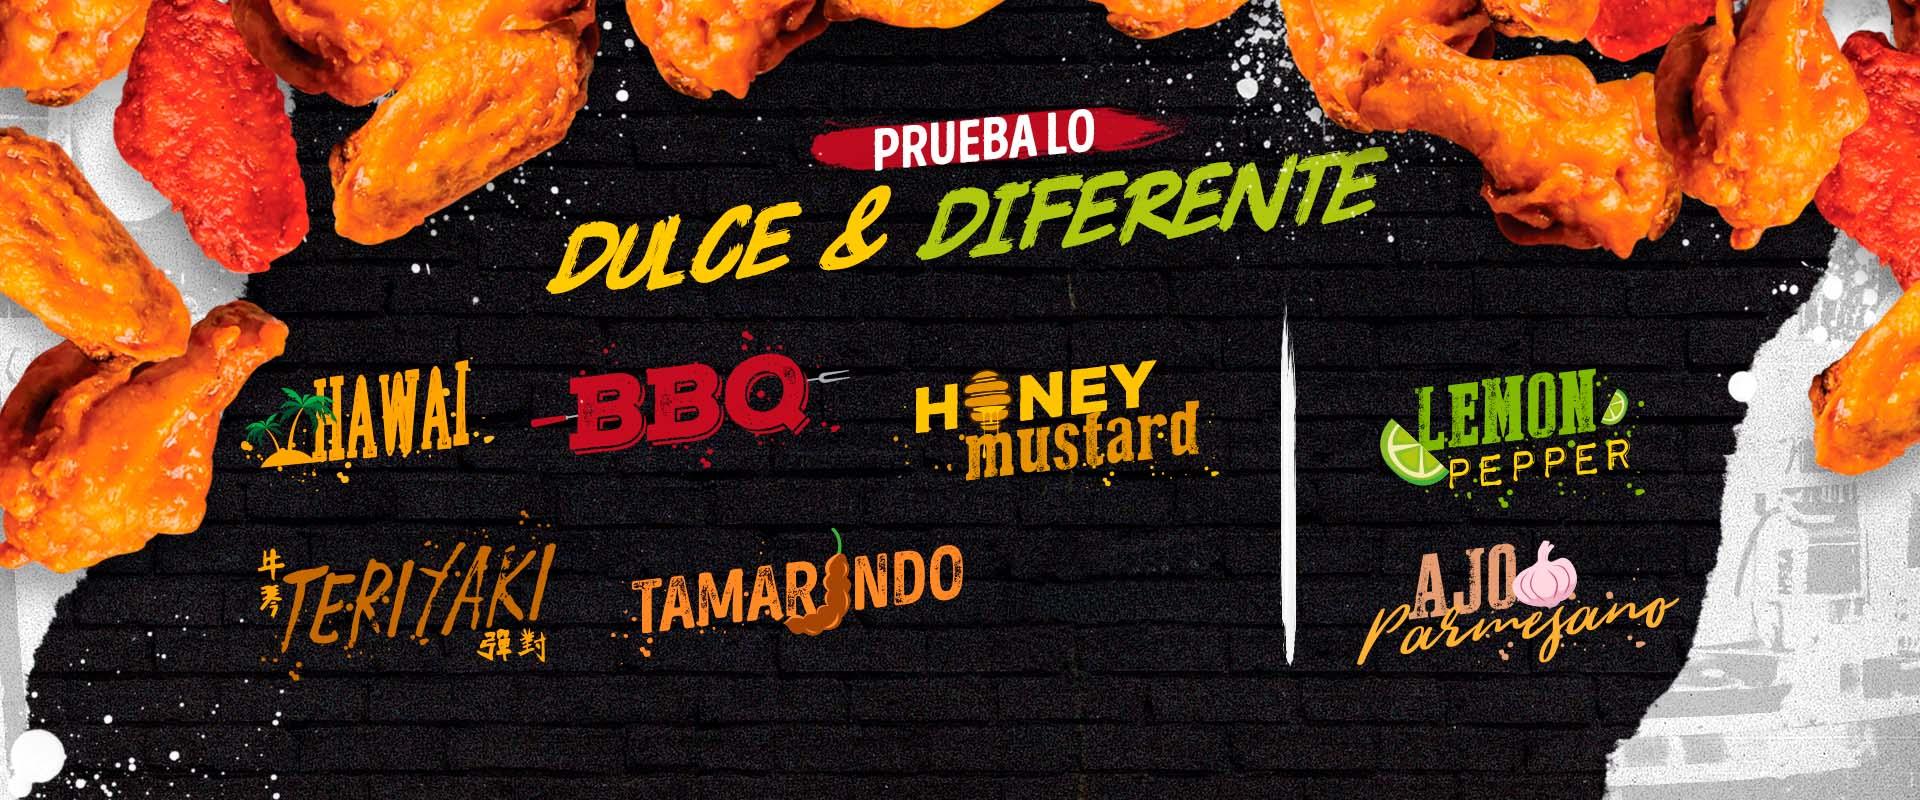 Promo Domingo, Todas las alitas, papas y vegetales que puedas comer